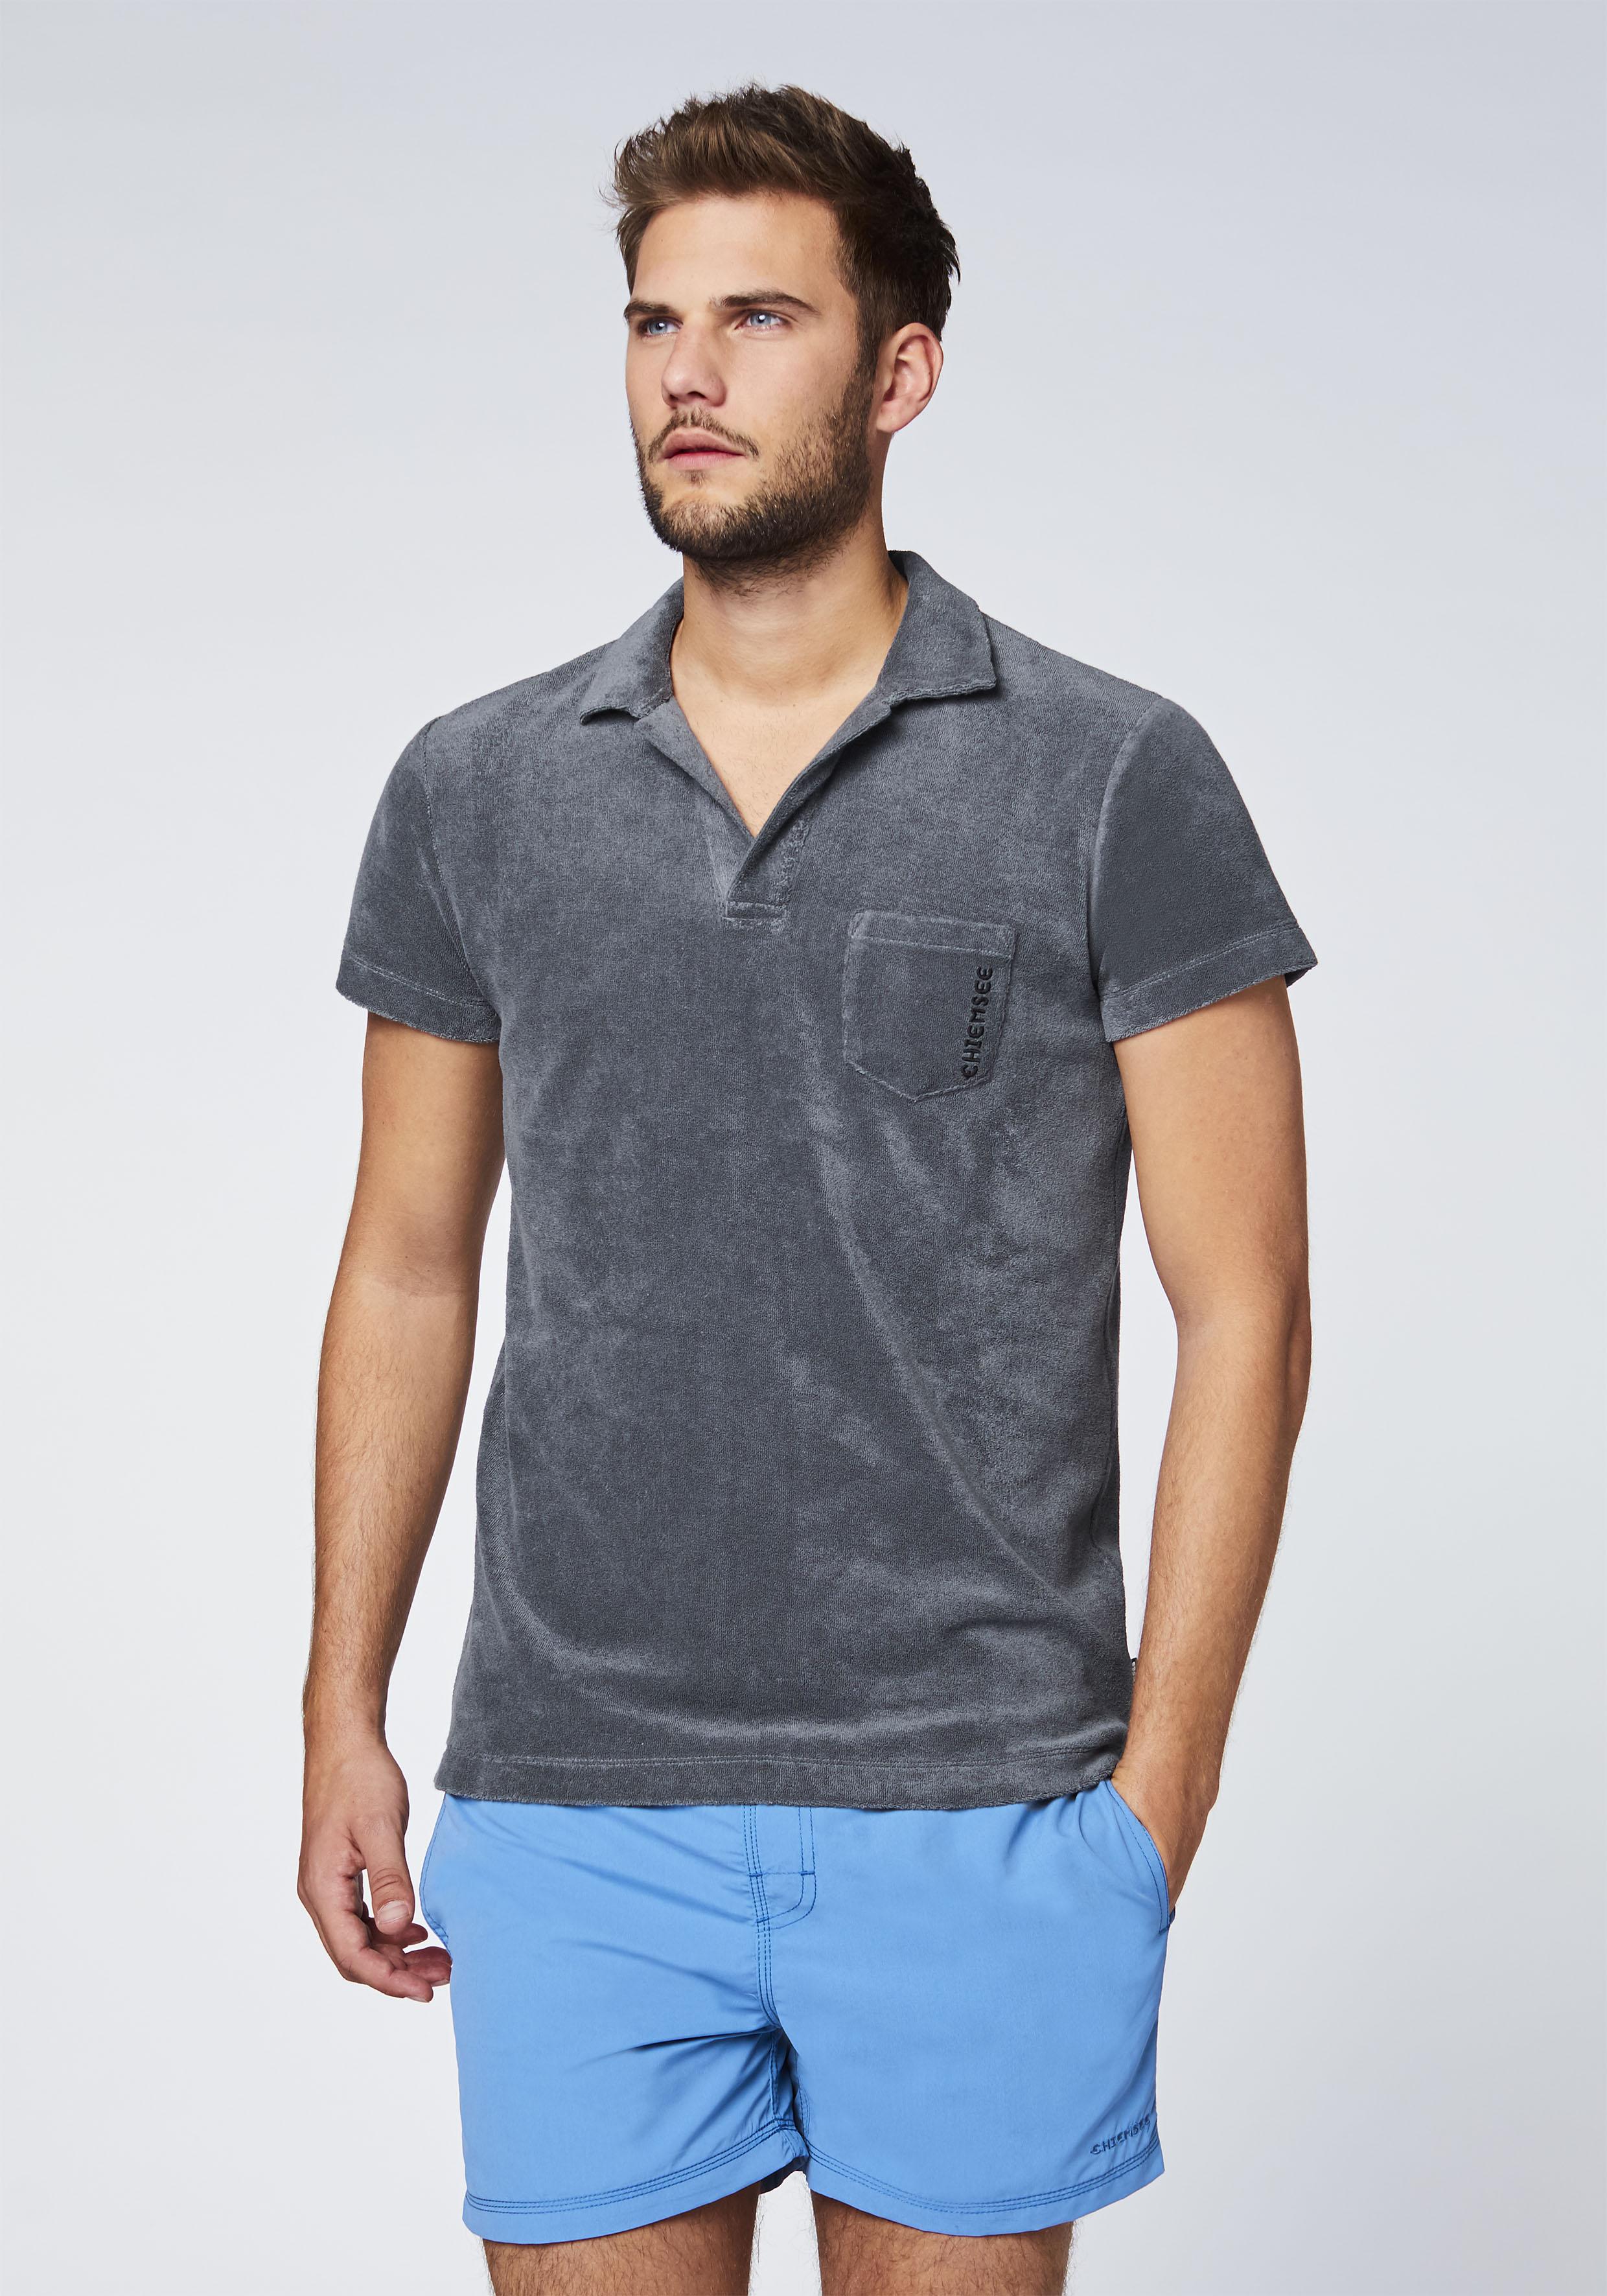 chiemsee -  Poloshirt  Poloshirt für Herren